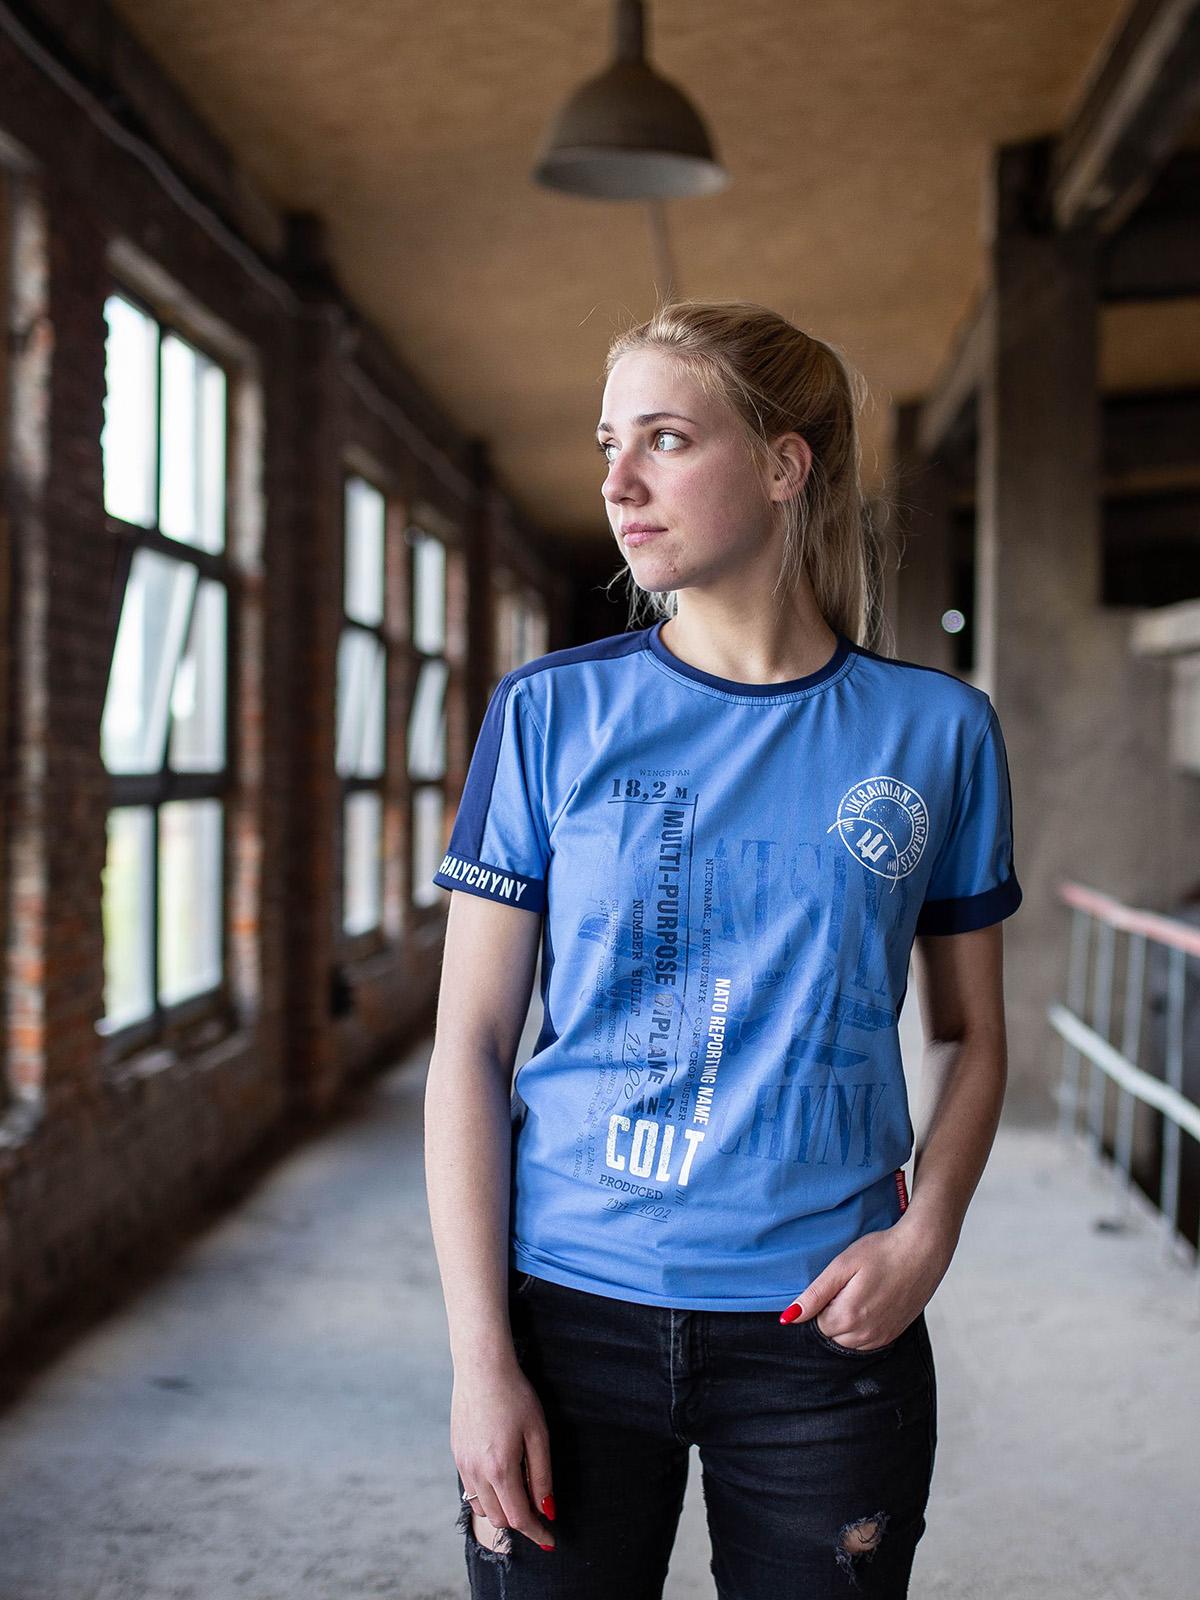 Жіноча Футболка An-2. Колір блакитний.  На жіночій фігурі виглядає просто чудово! Матеріал: 95% бавовна, 5% спандекс.